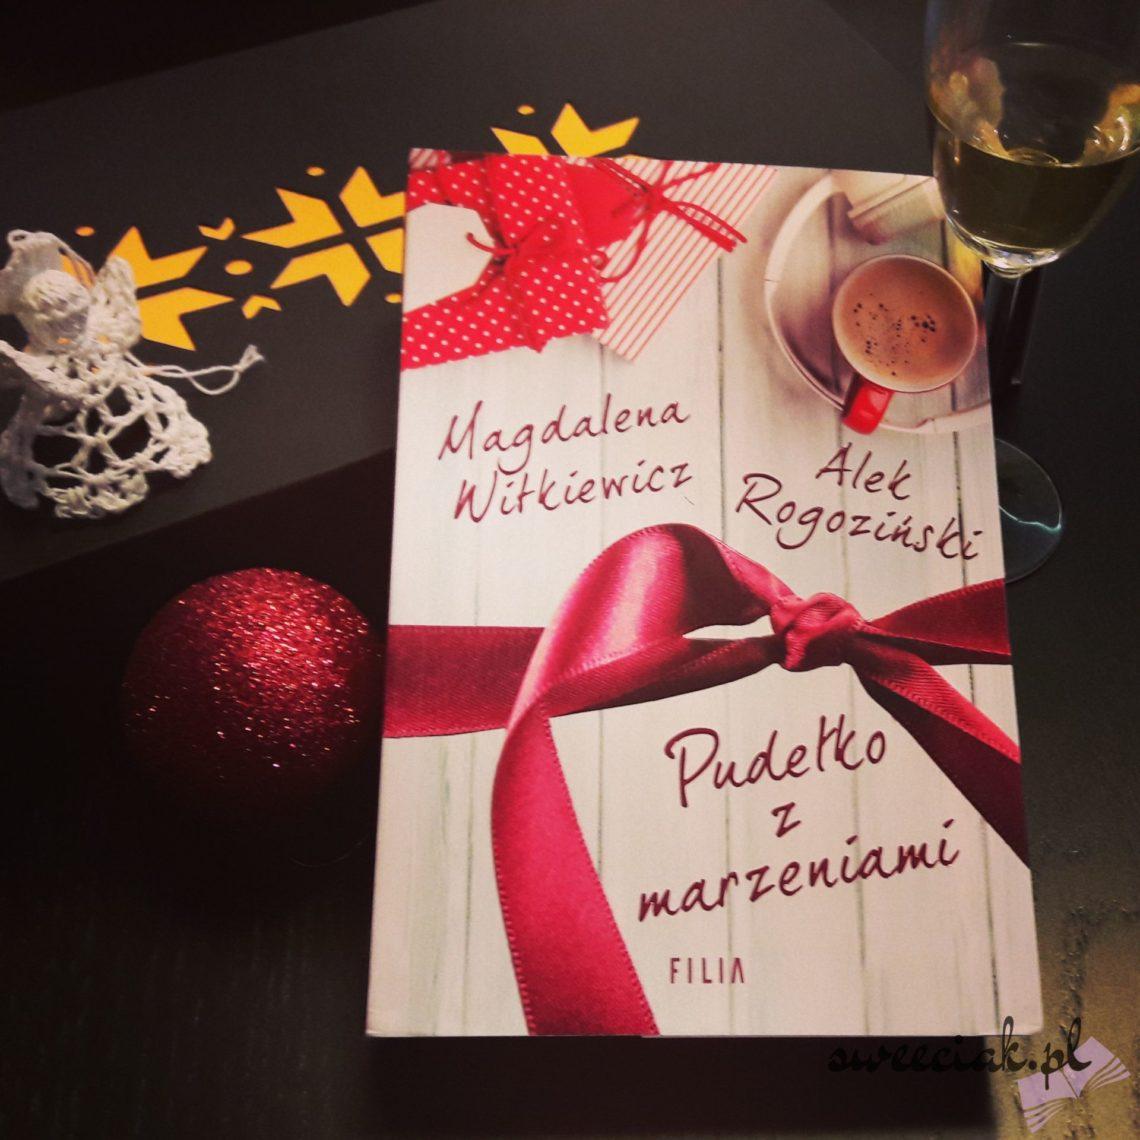 """""""Pudełko z marzeniami"""" - Magdalena Witkiewicz i Alek Rogoziński"""